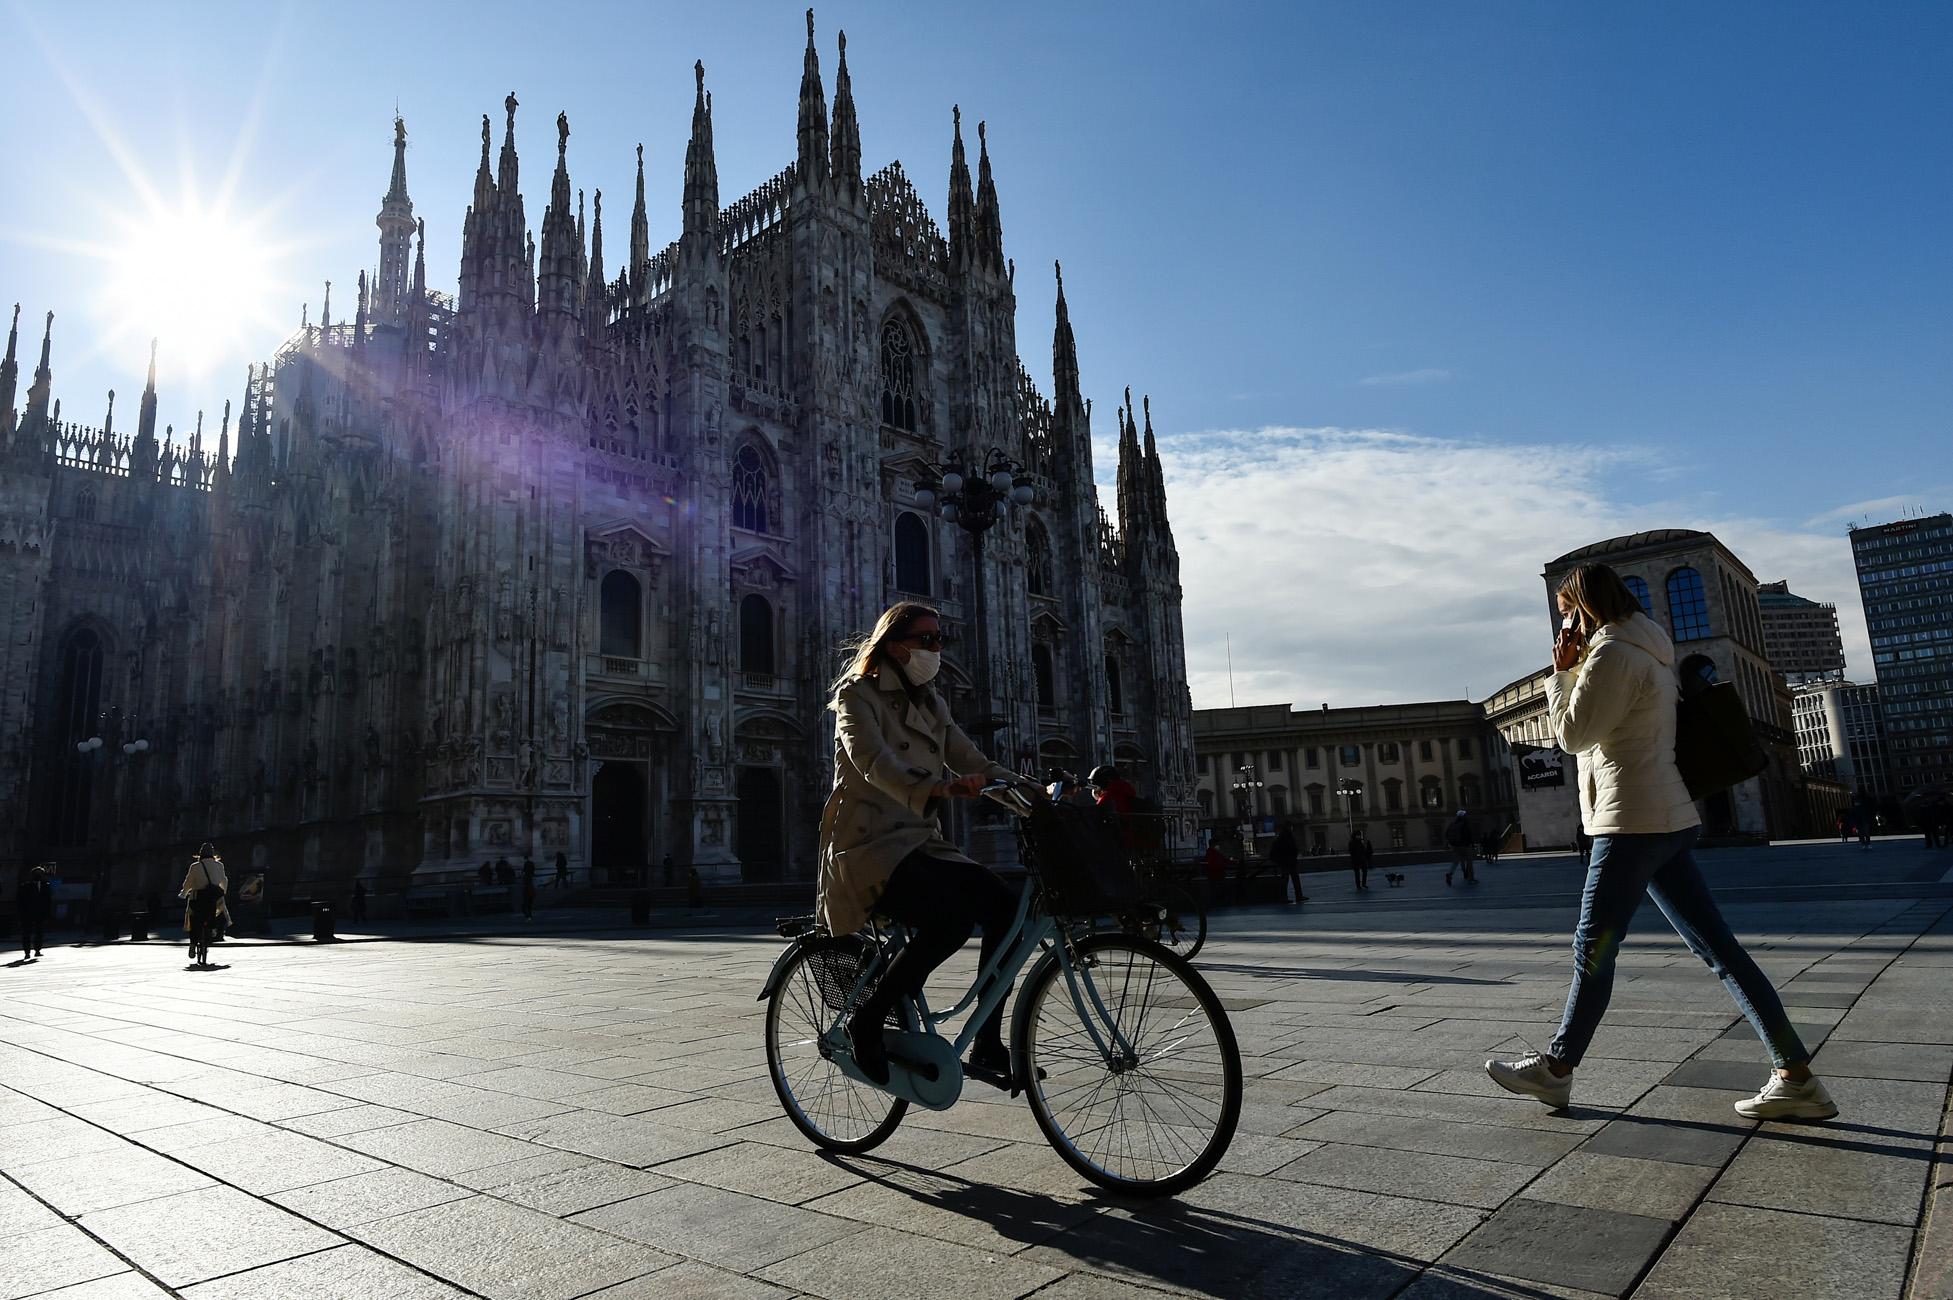 Ιταλία – κορονοϊός: 390 νεκροί και πάνω από 12.000 νέα κρούσματα